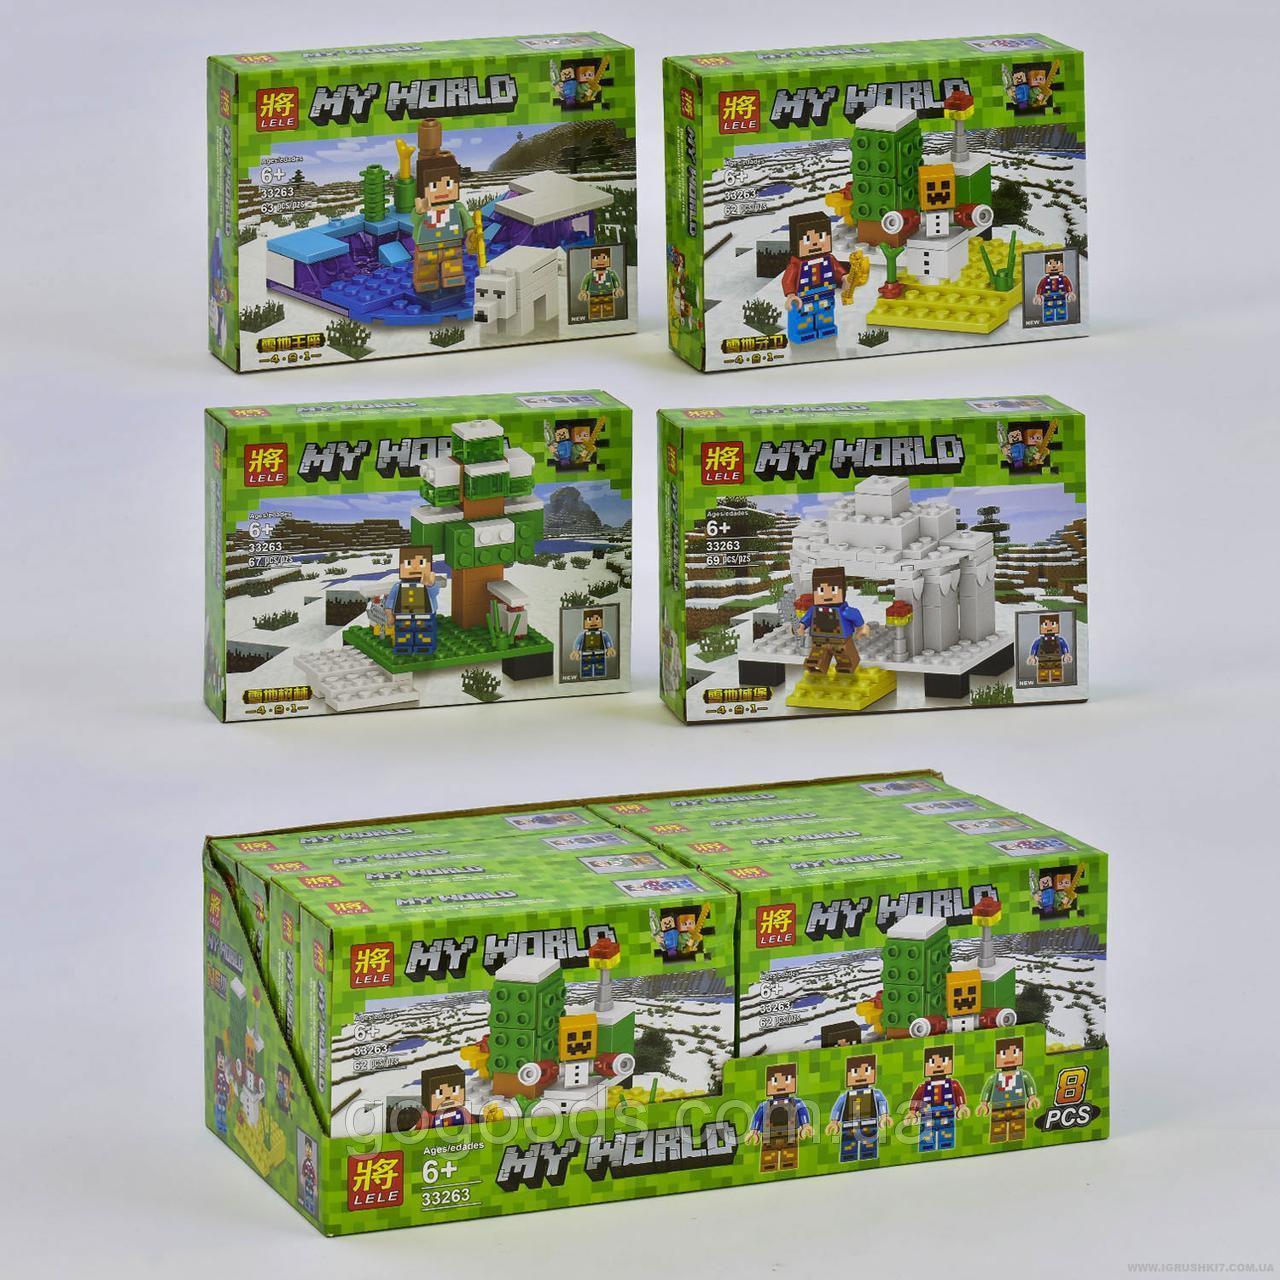 """Конструктор Bela/Lele Minecraft 33263 """"Север"""" Четыре вида (8 шт. в блоке)"""